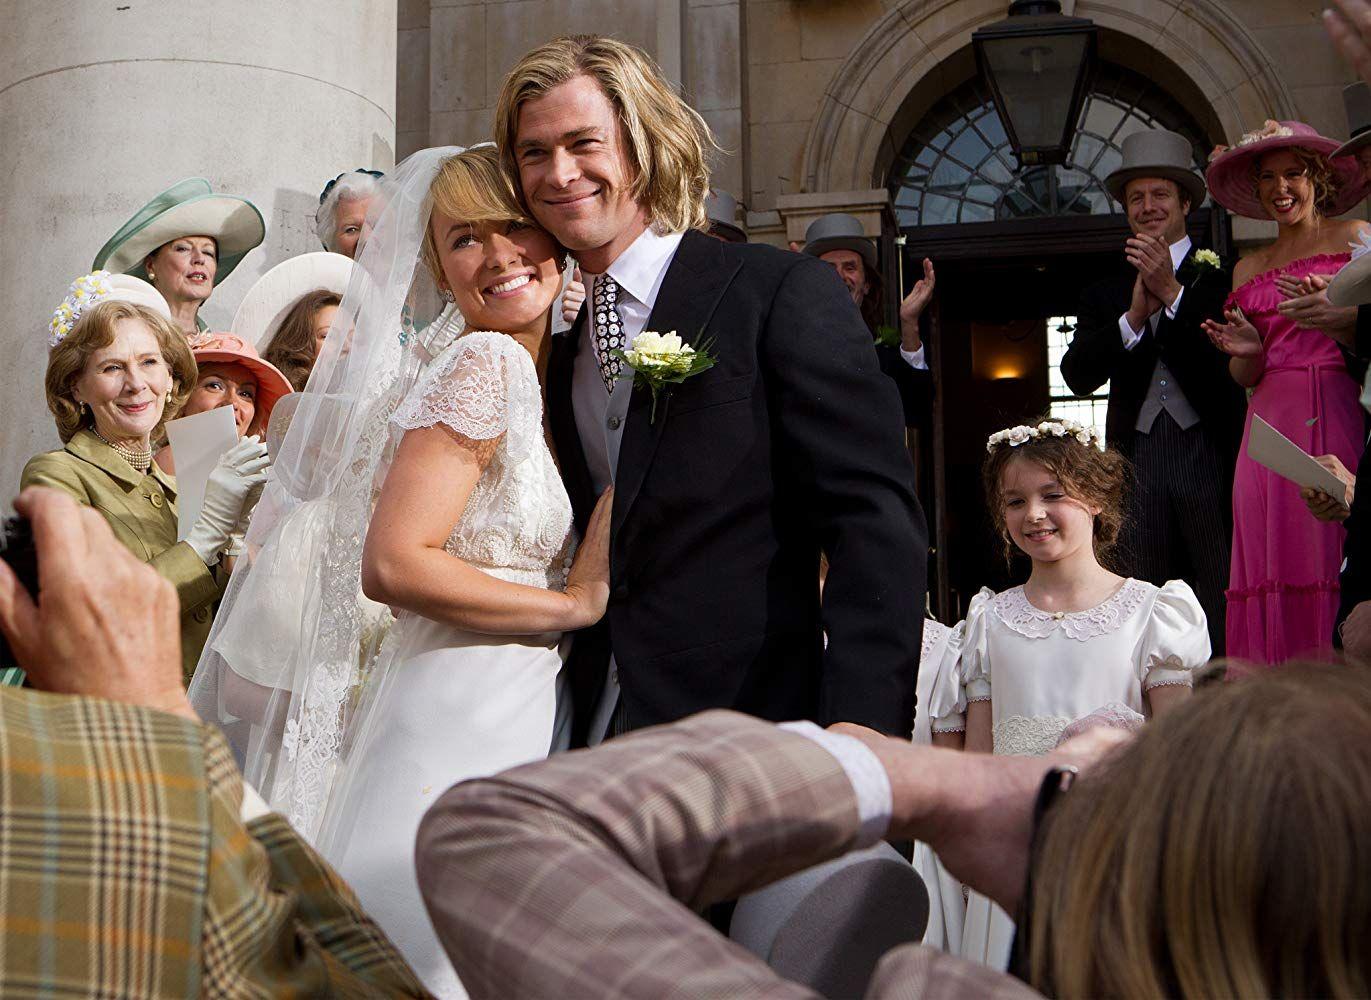 Rush: trama, cast e curiosità del film con Chris Hemsworth e